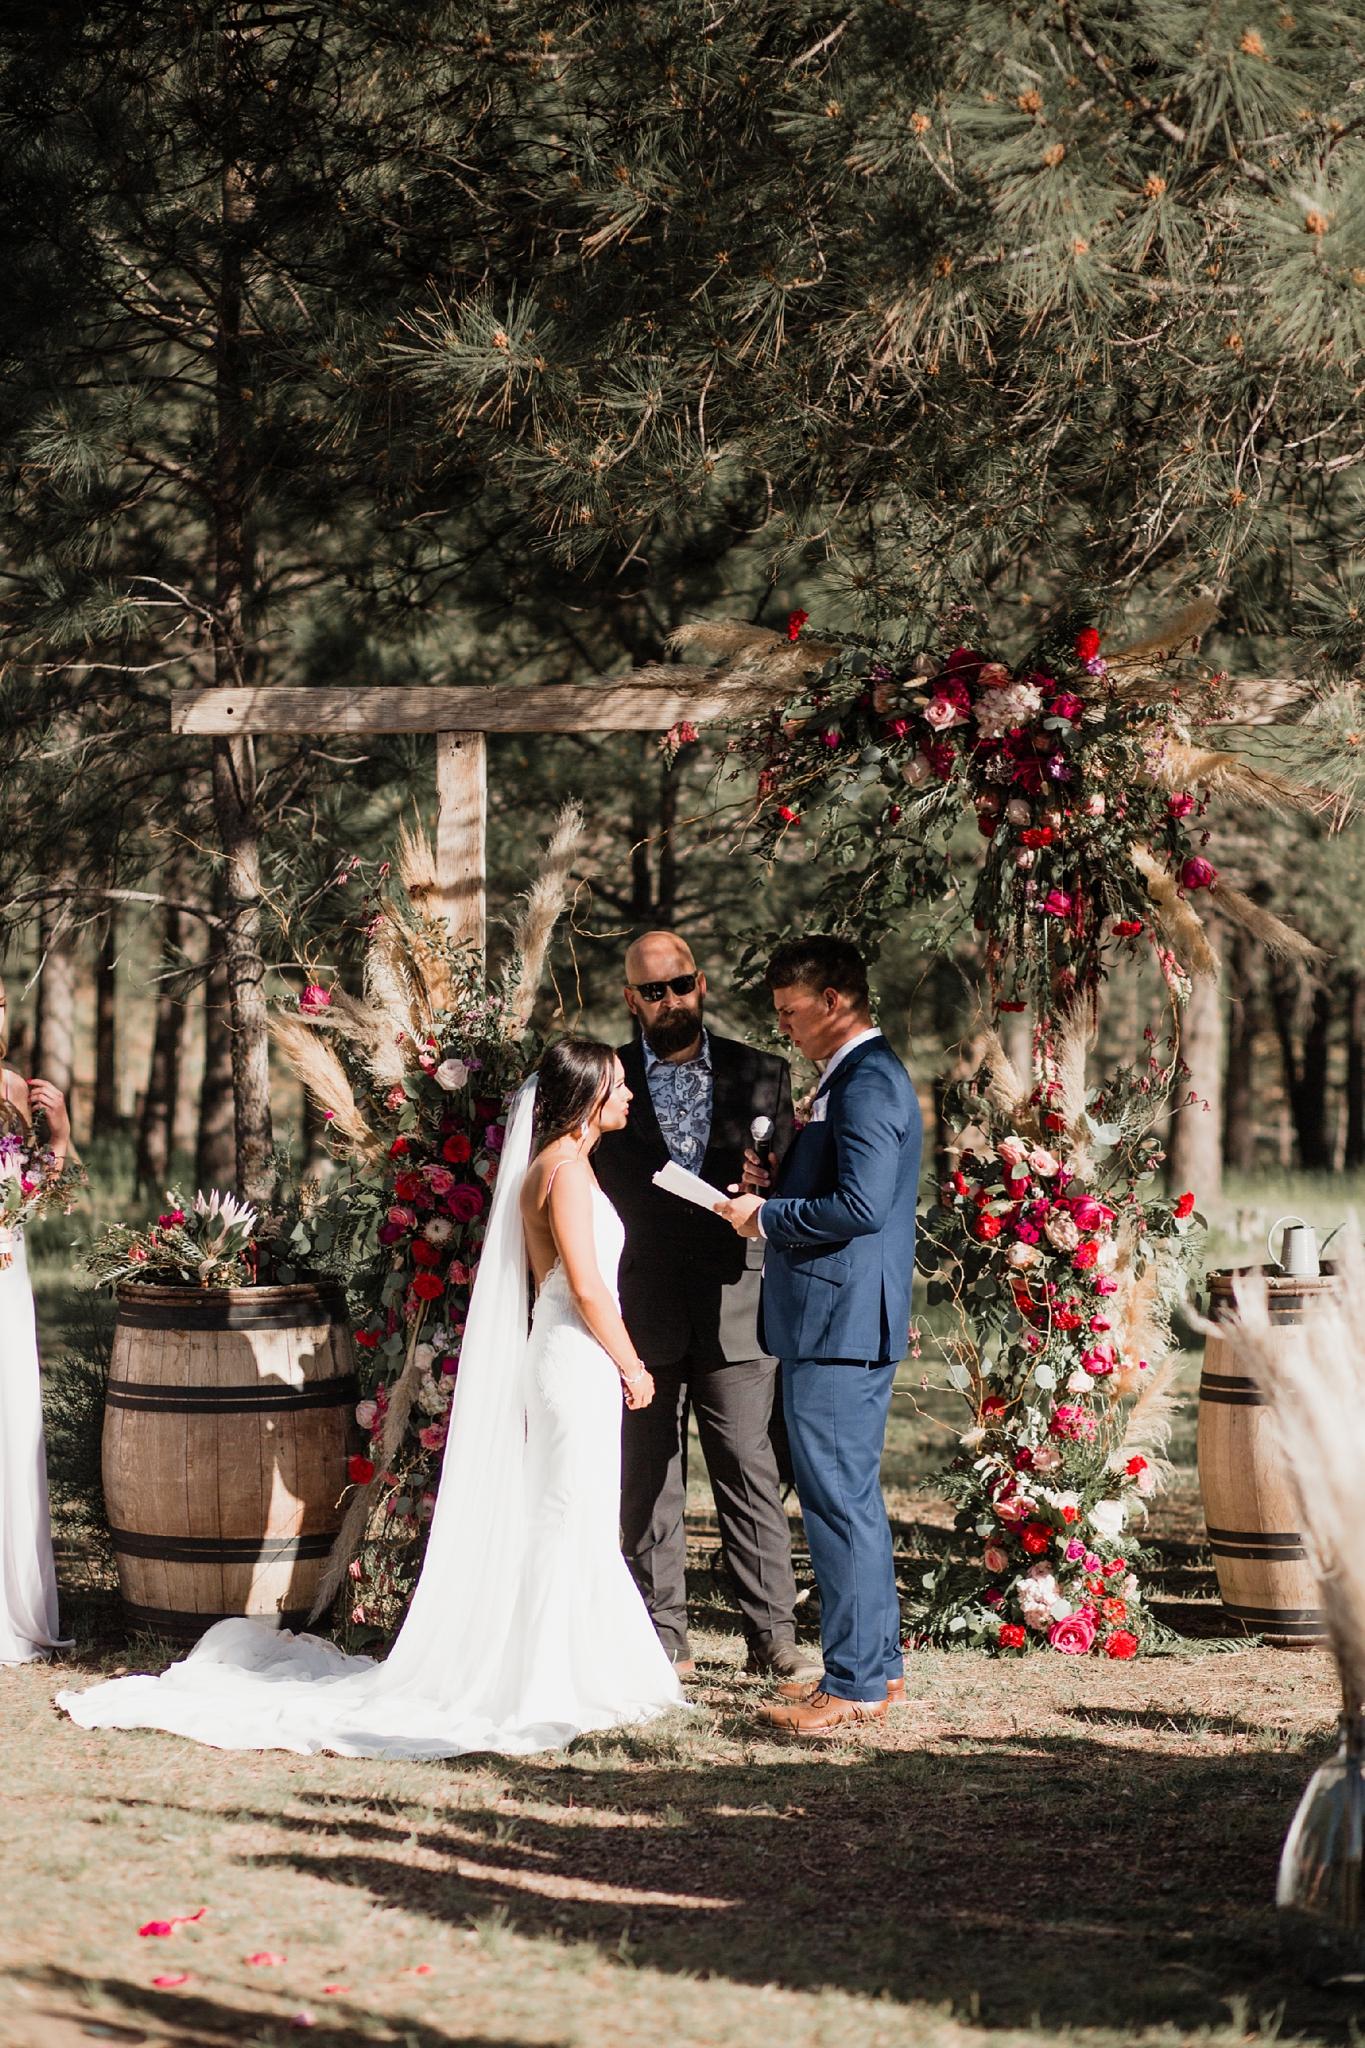 Alicia+lucia+photography+-+albuquerque+wedding+photographer+-+santa+fe+wedding+photography+-+new+mexico+wedding+photographer+-+new+mexico+wedding+-+new+mexico+wedding+-+barn+wedding+-+enchanted+vine+barn+wedding+-+ruidoso+wedding_0102.jpg